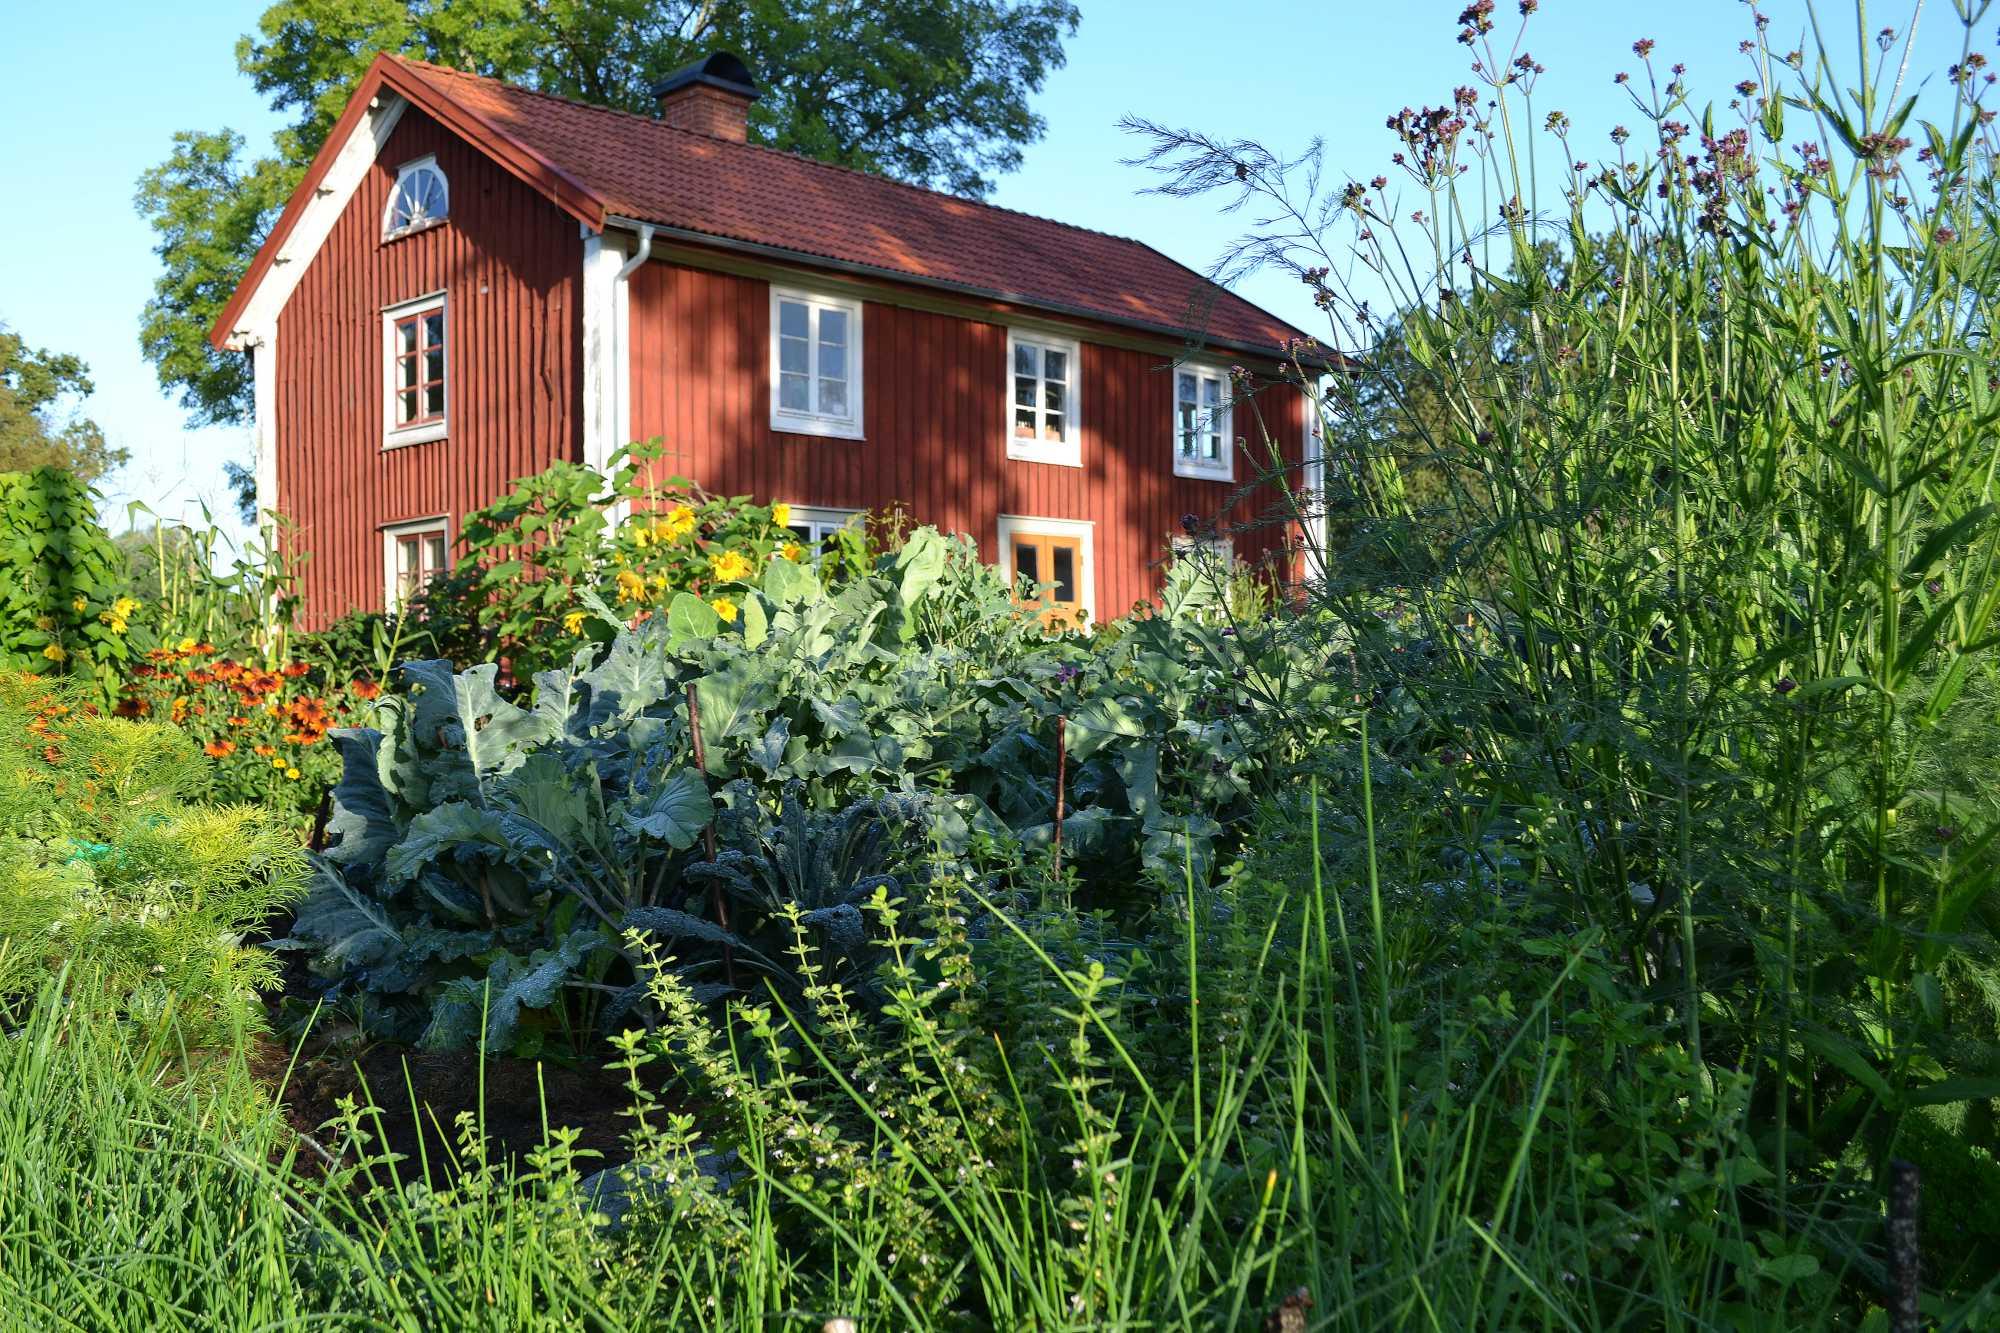 Köksträdgård framför rött parhus.